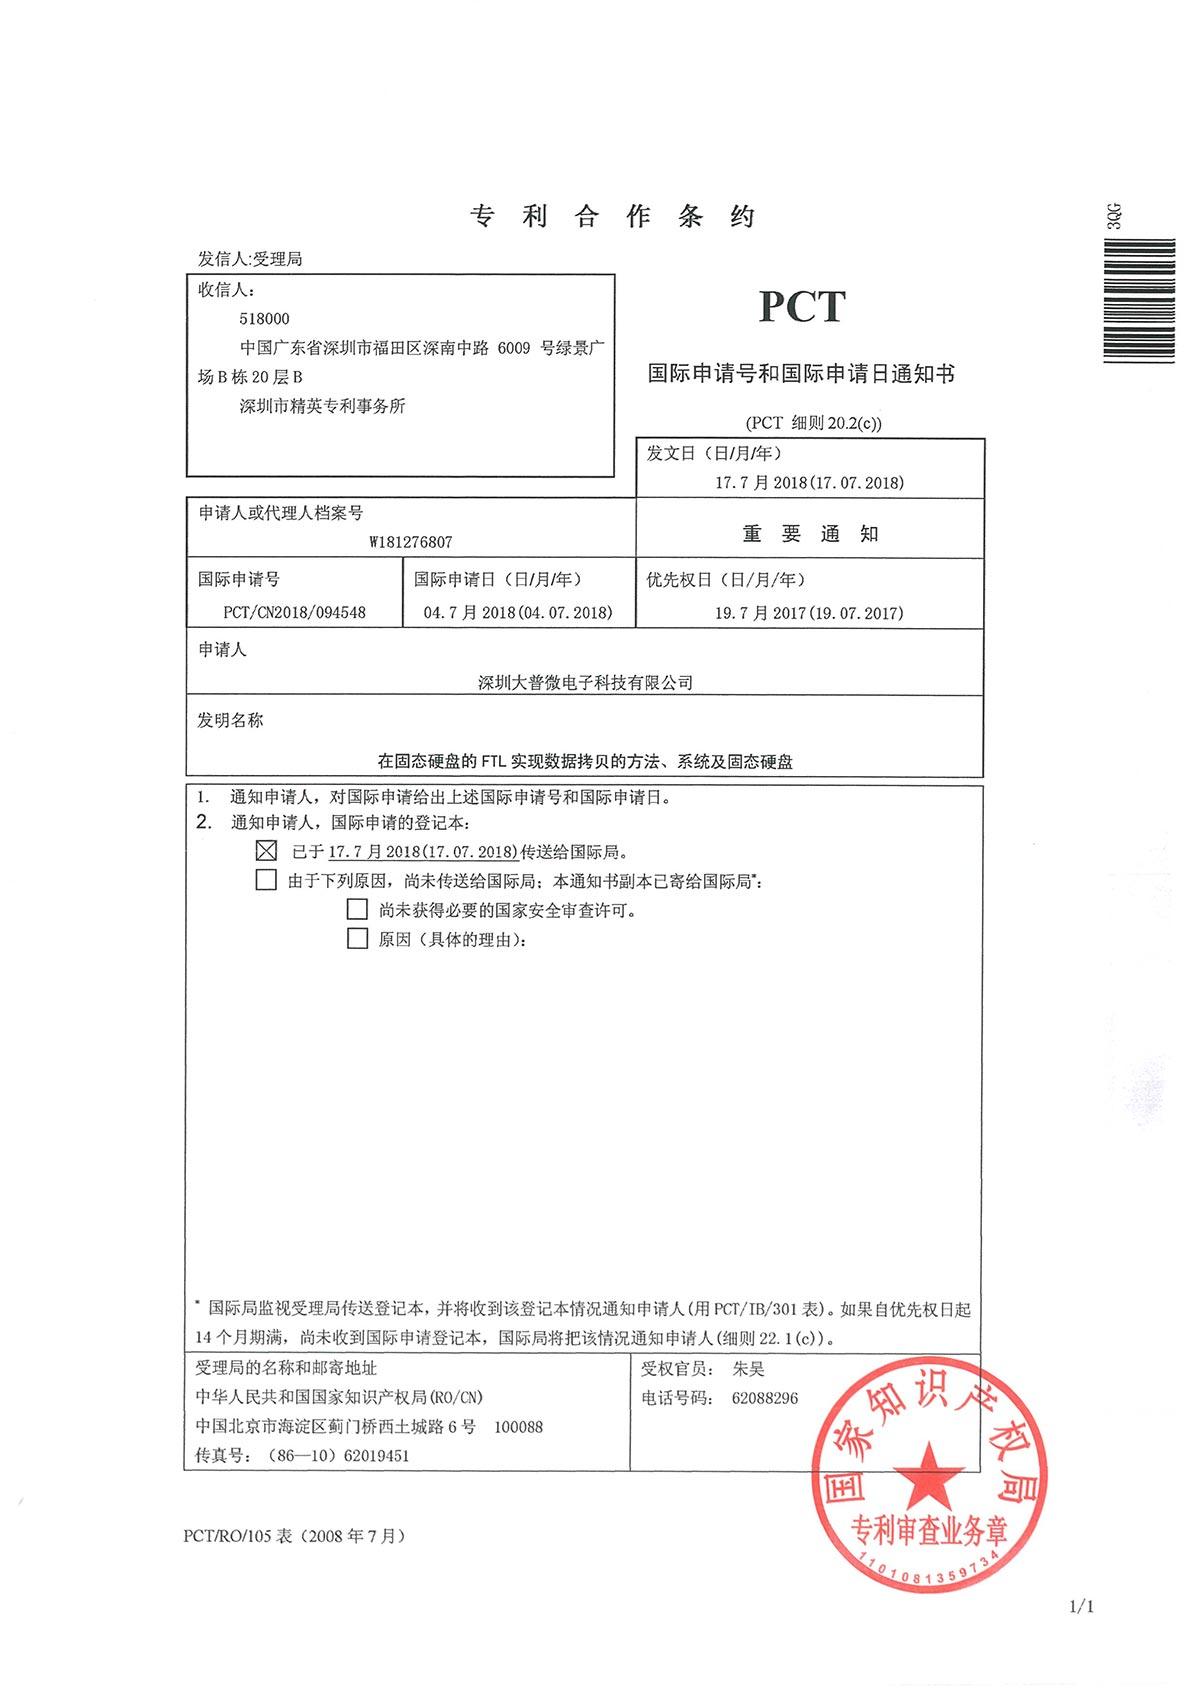 DPCT1-18002 国际申请号和申请日通知书